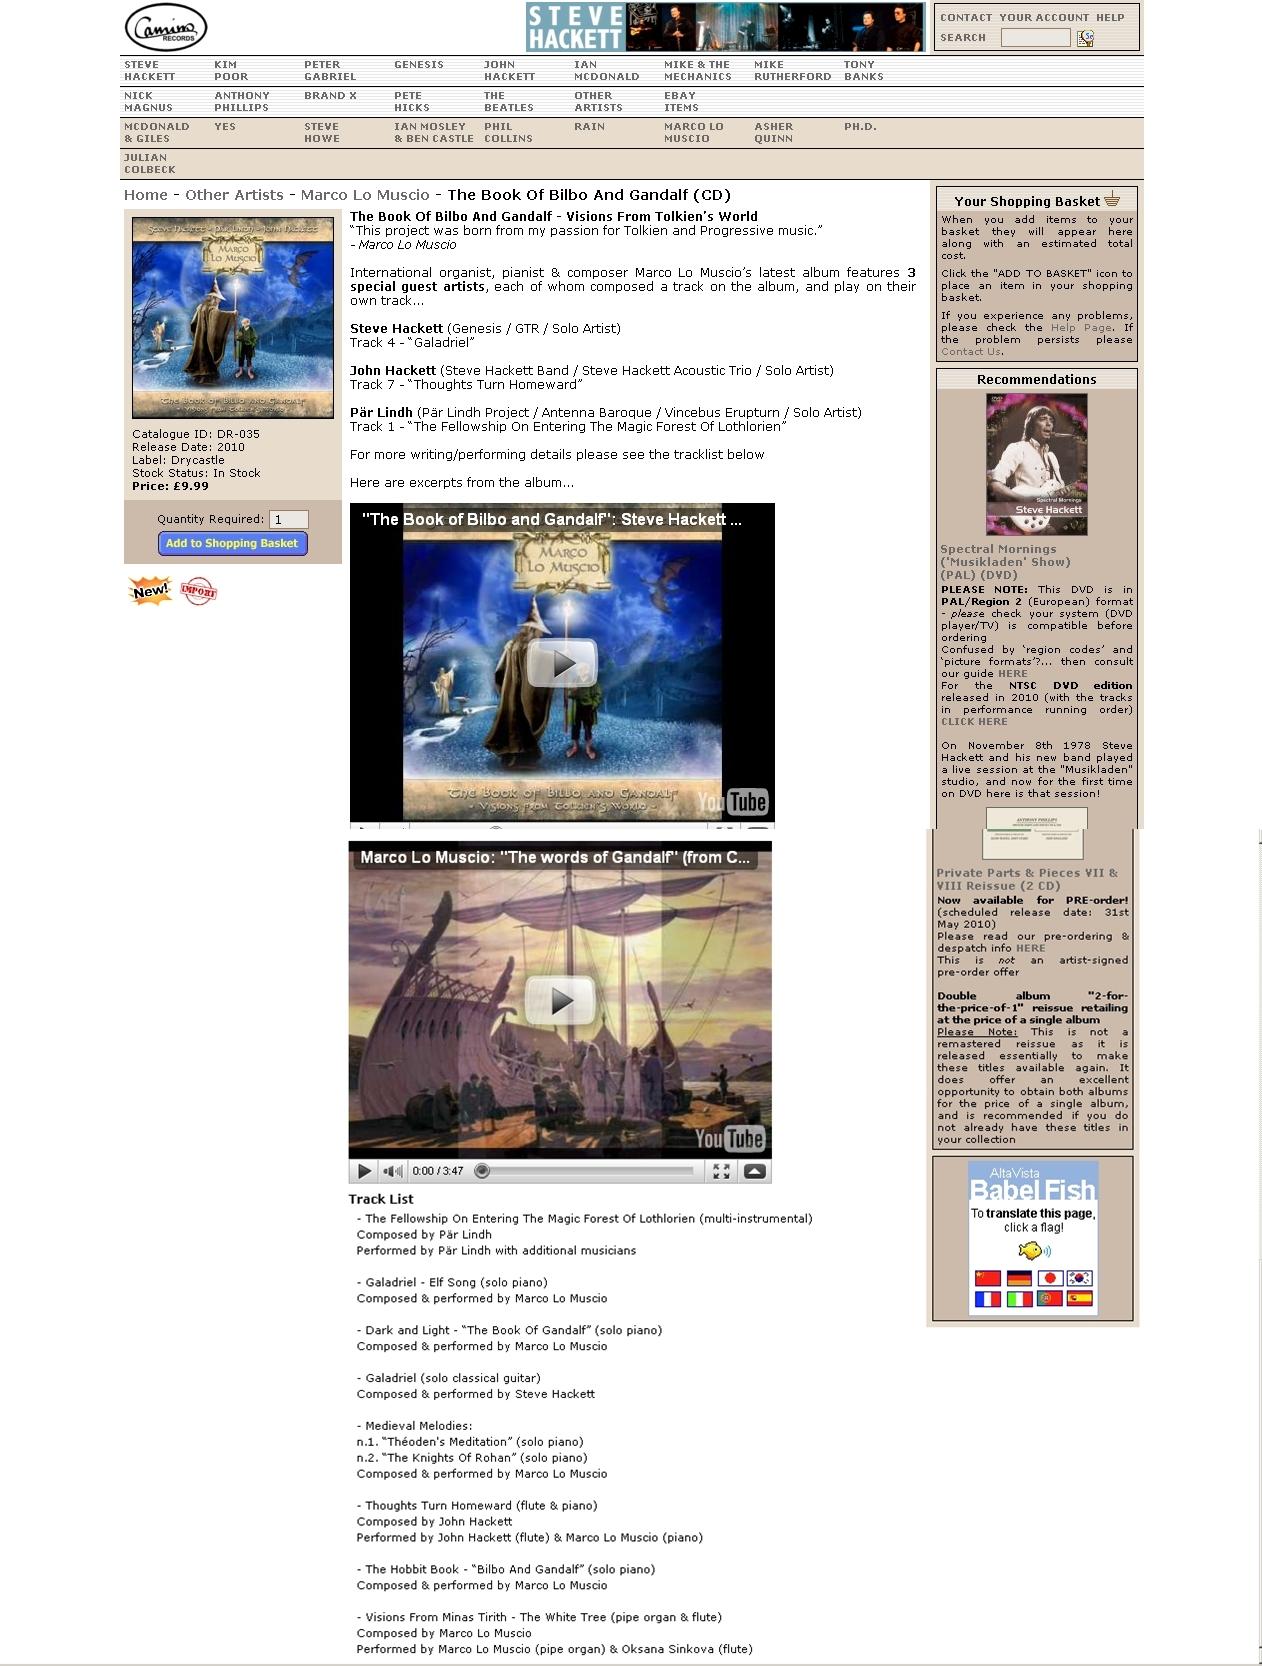 Steve Hackett website